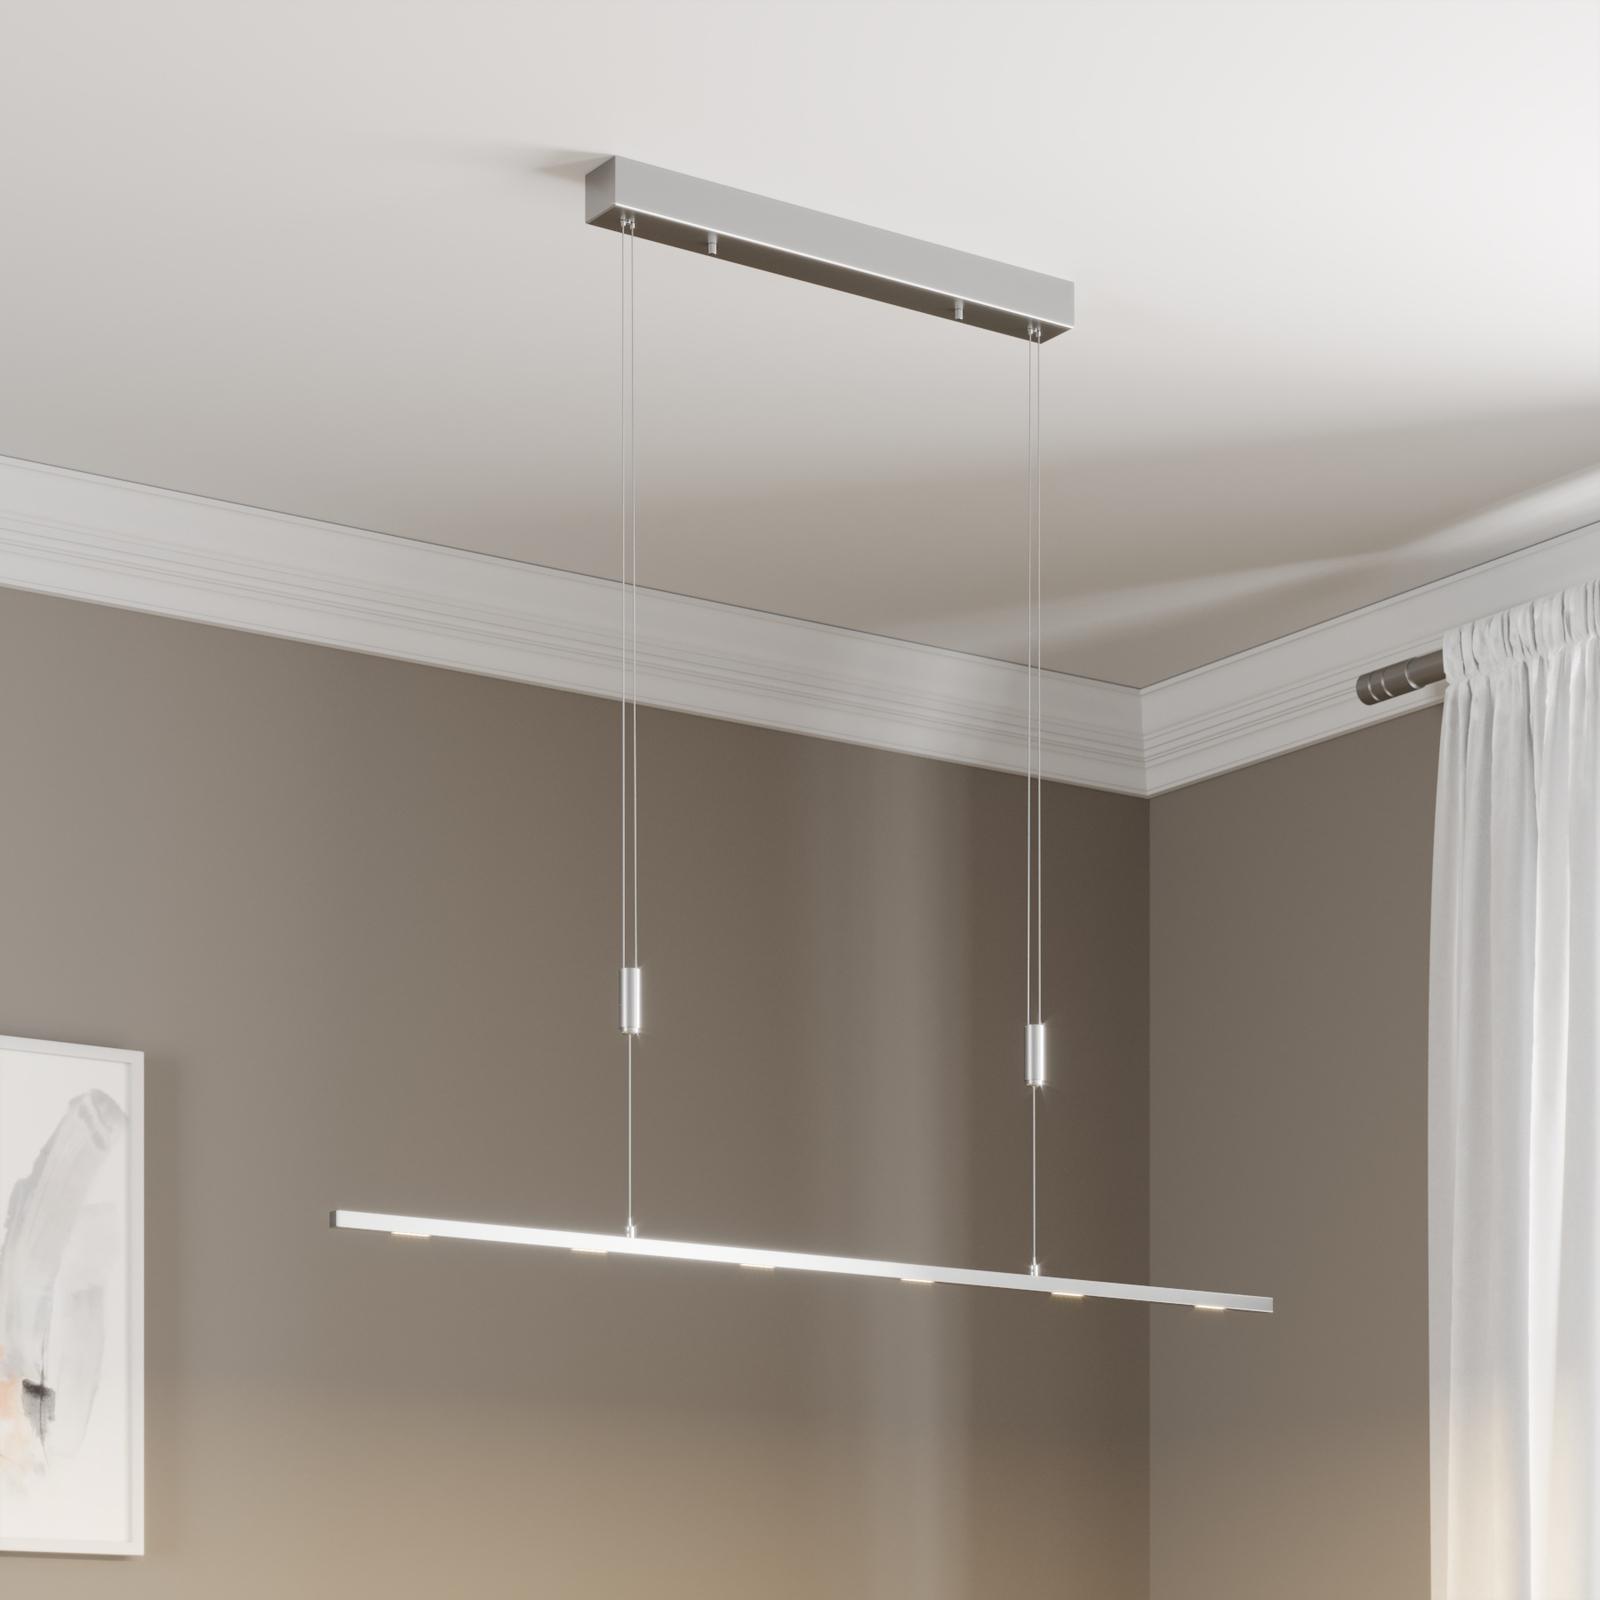 Jídelní lampa LED Arnik, stmívatelná, 120 cm